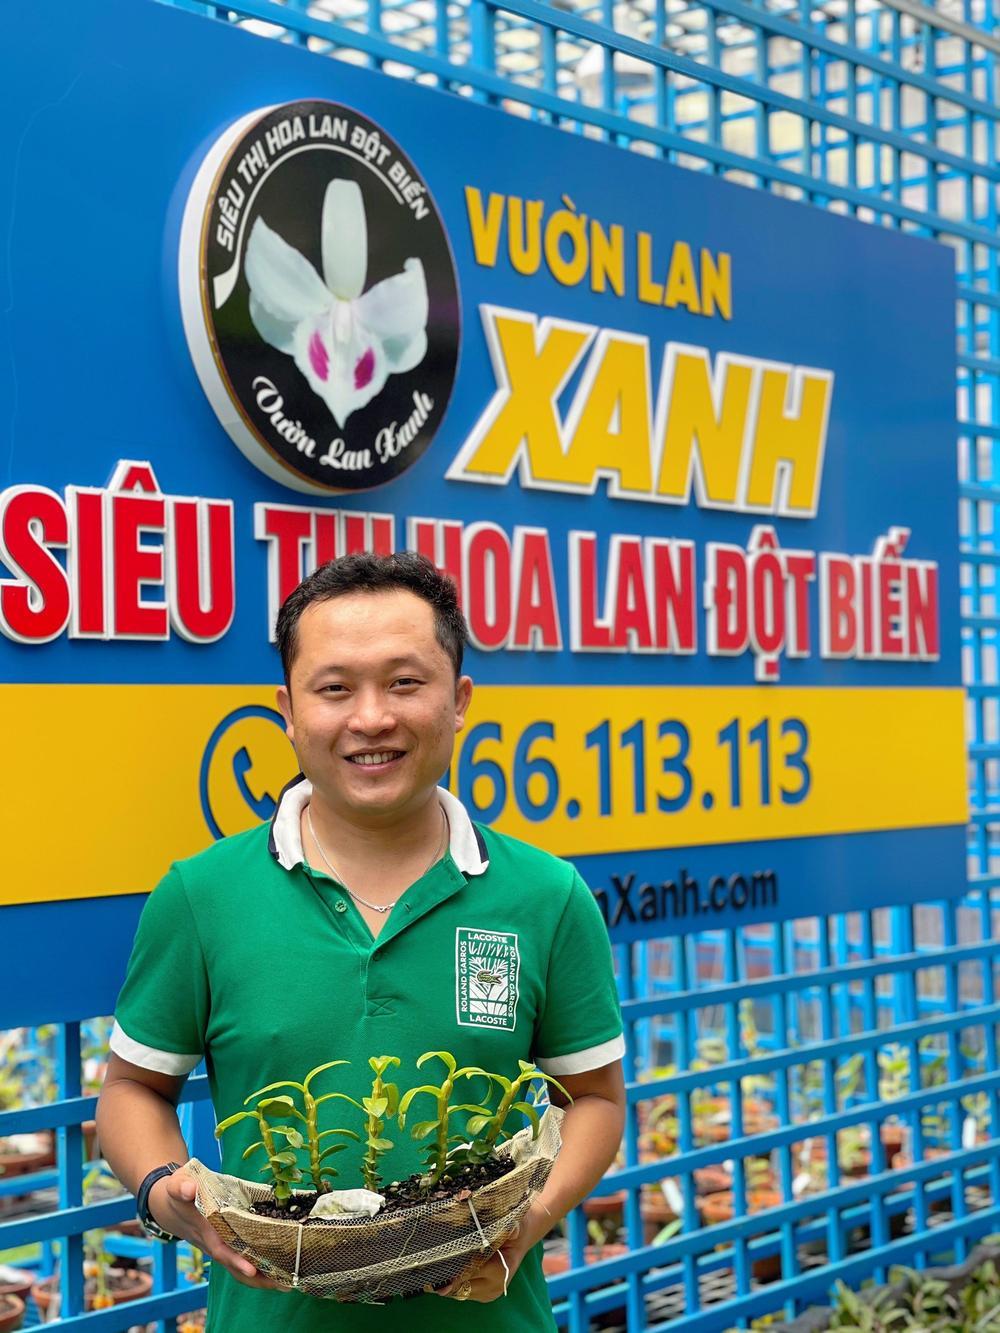 Những 'bí kíp' của nghệ nhân hoa lan Trần Tấn Hiền về xử lý cây lan và giá thể trước khi ghép Ảnh 5